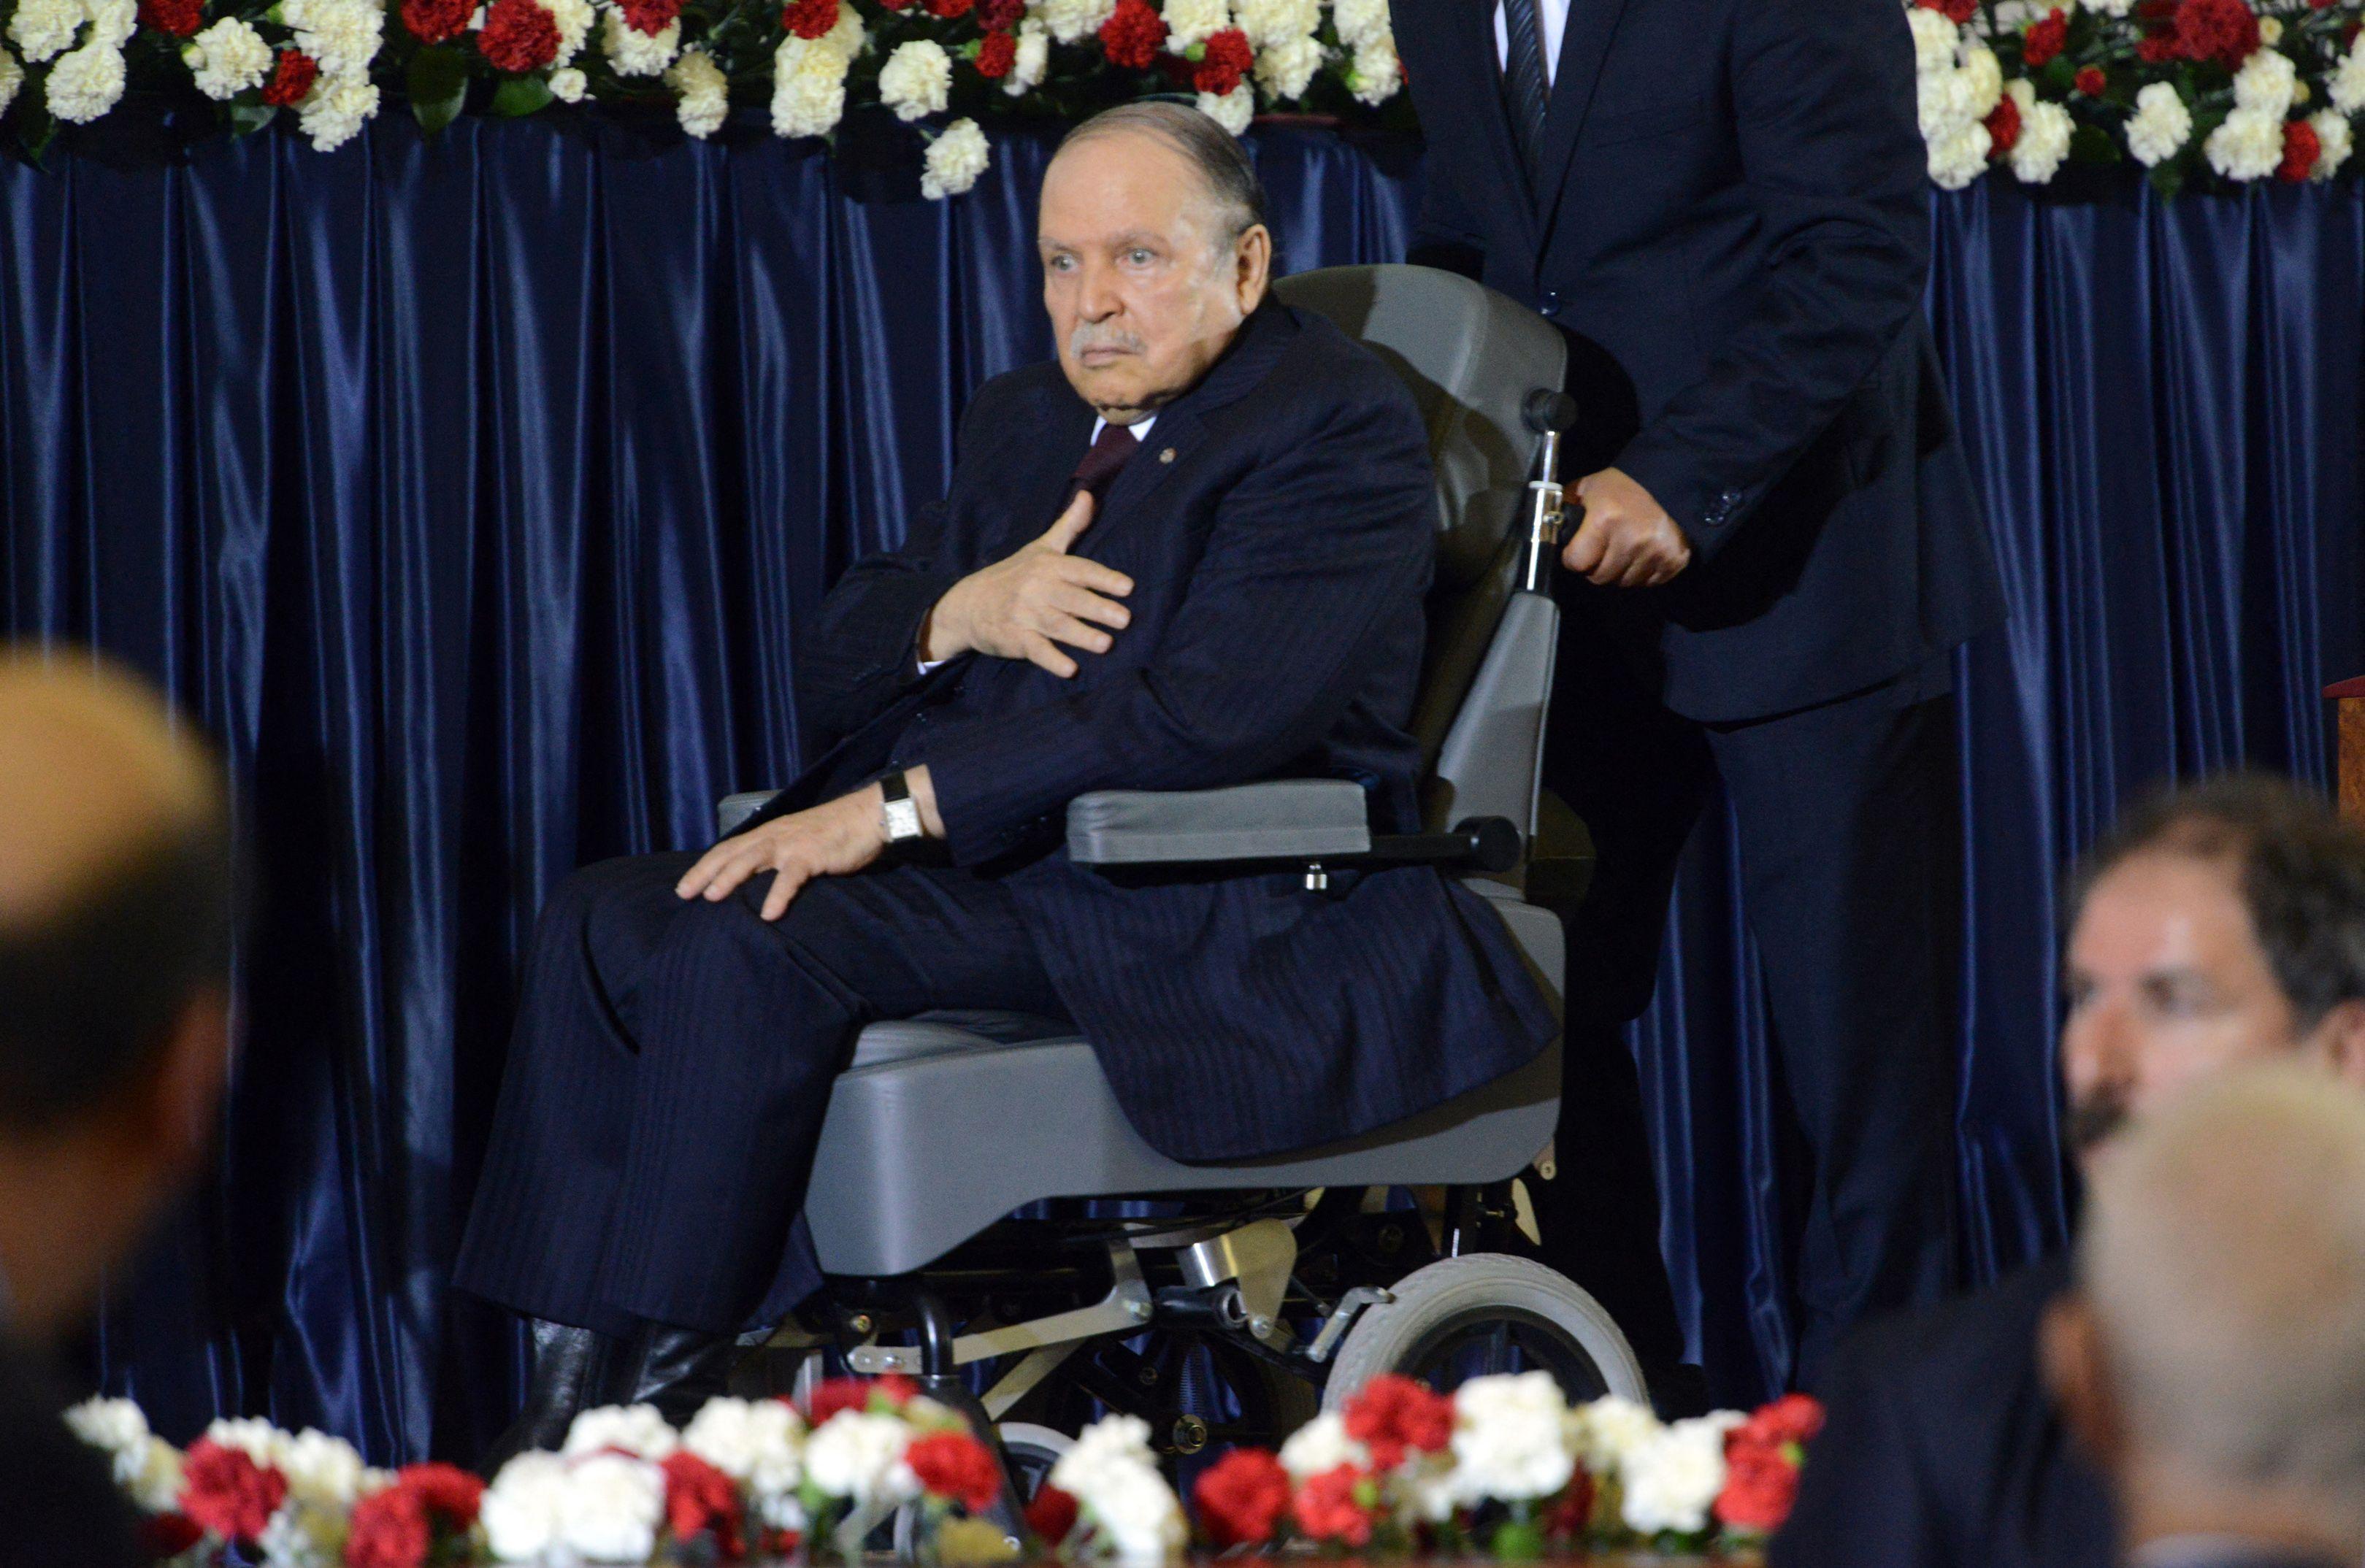 Fallece el expresidente de Argelia Abdelaziz Buteflika a los 84 años